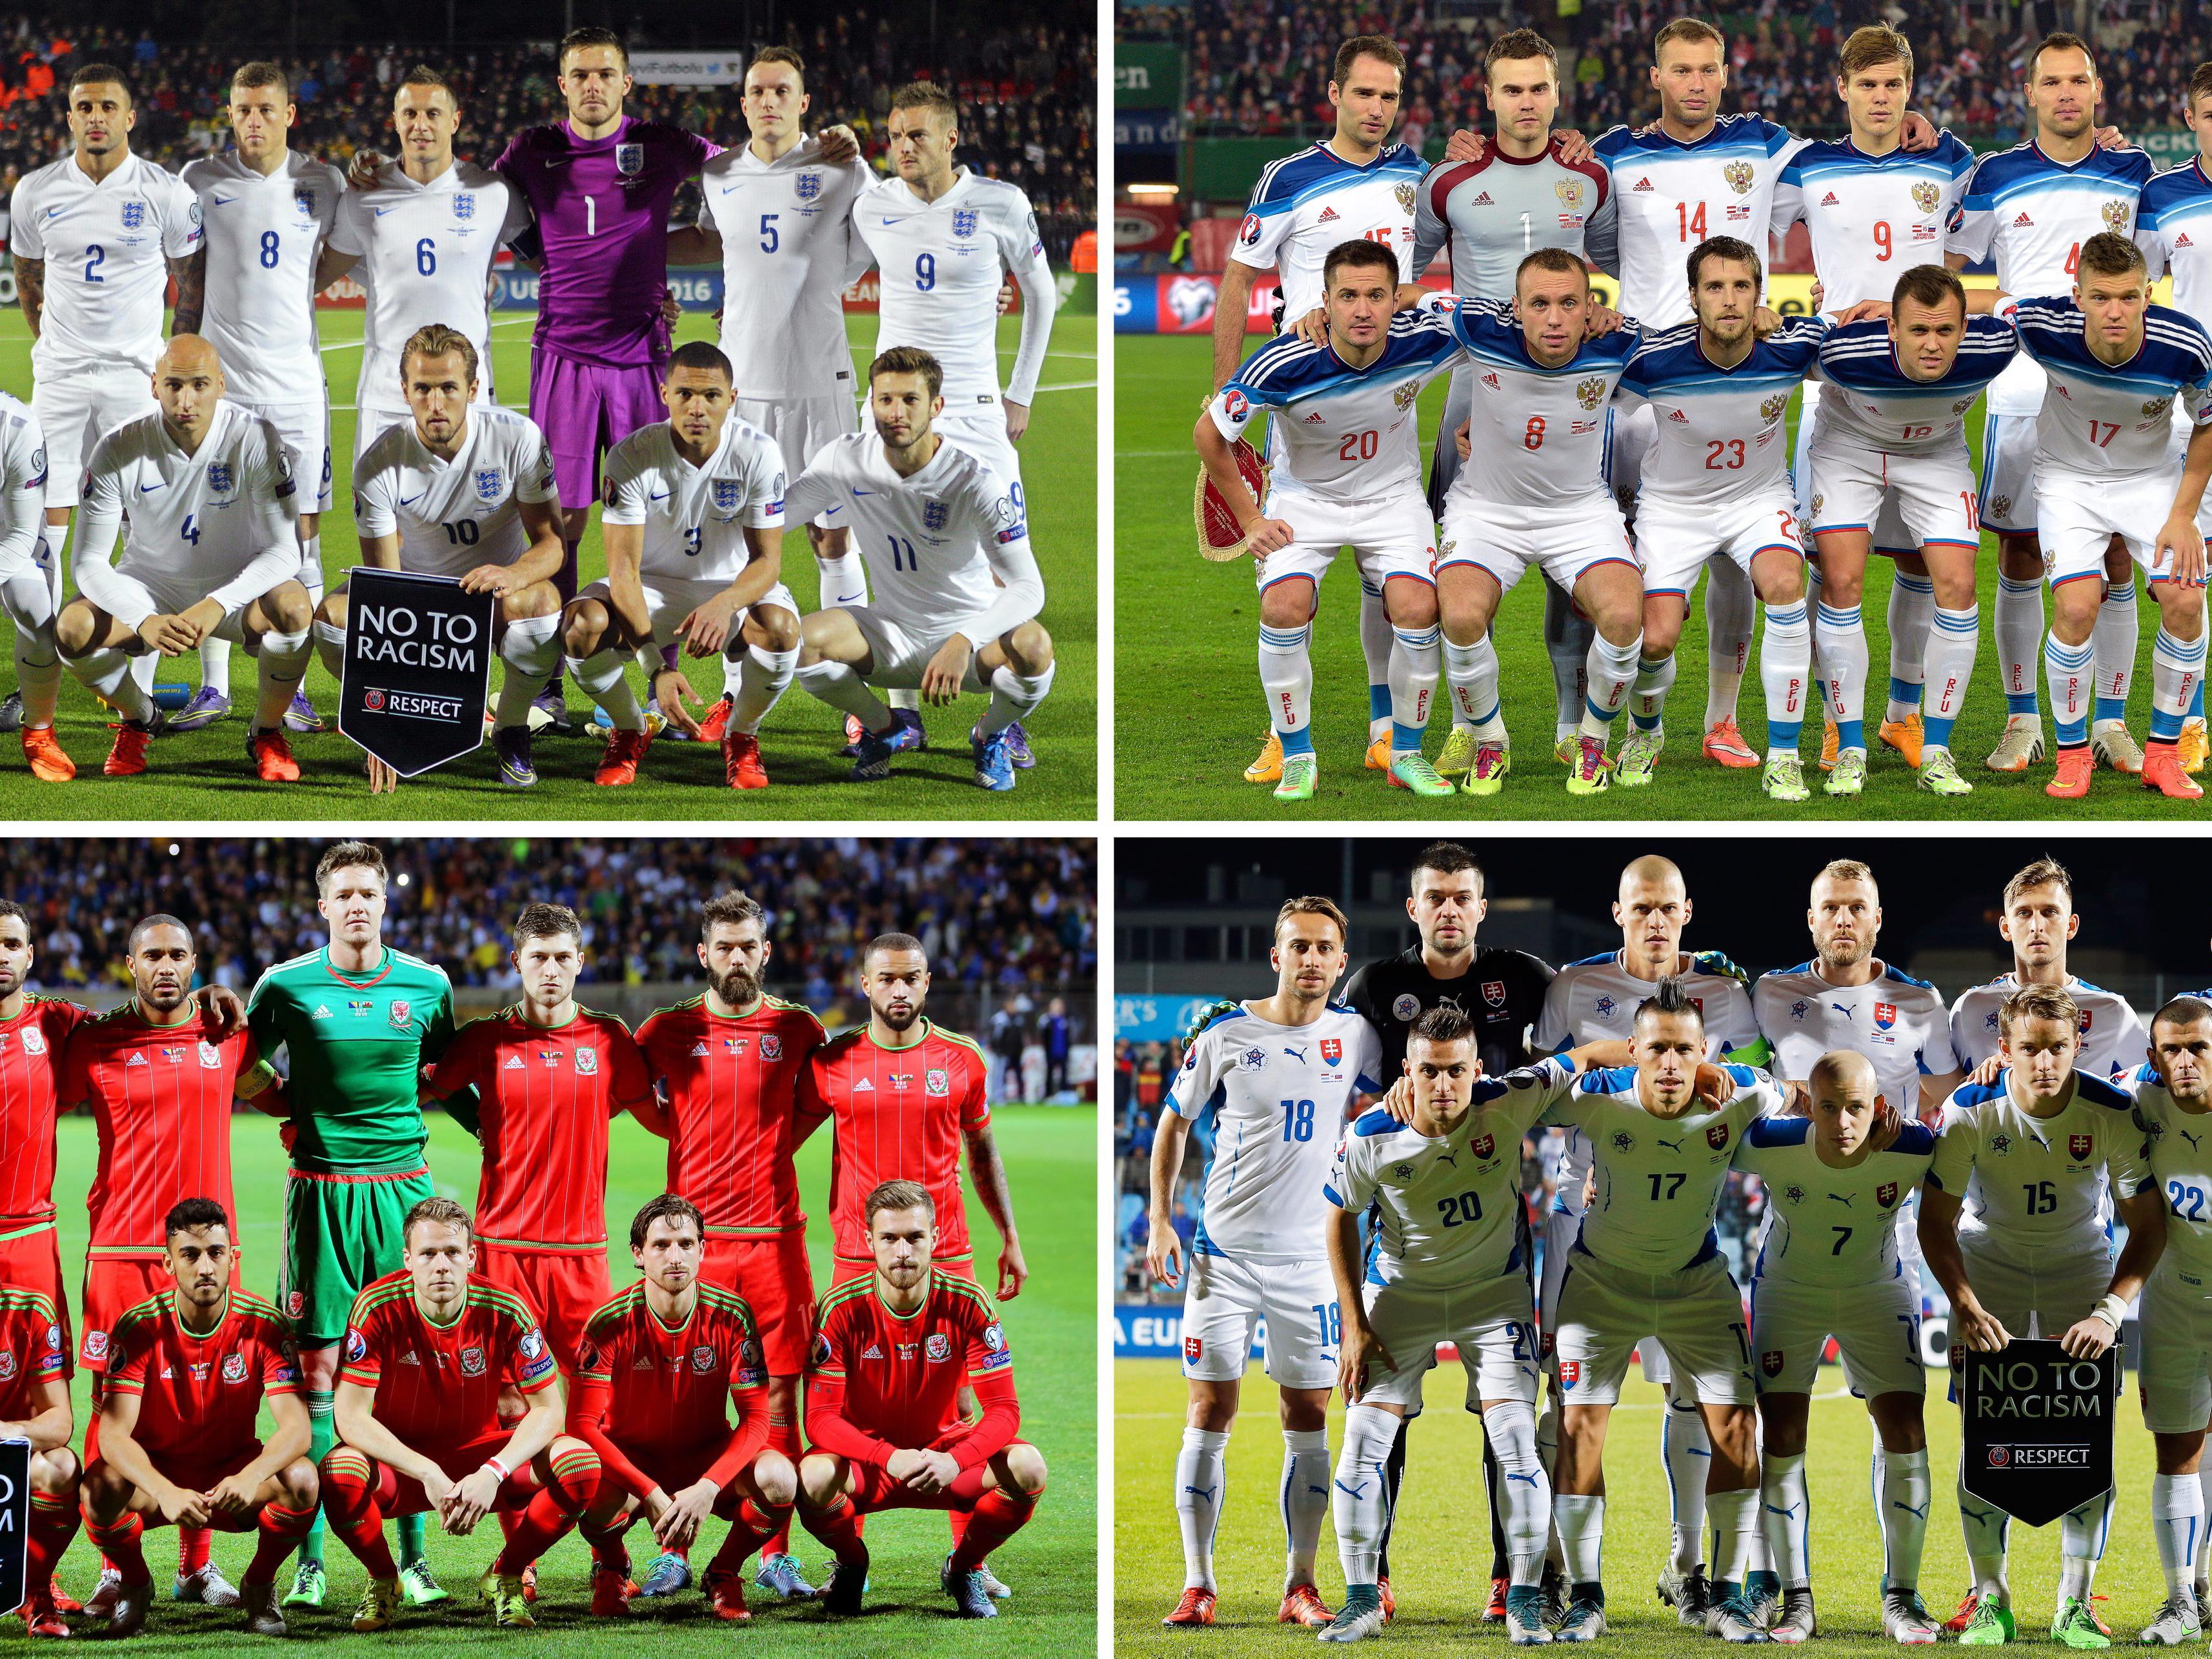 Die Gruppe B der Fußball-EM 2016 in Frankreich.